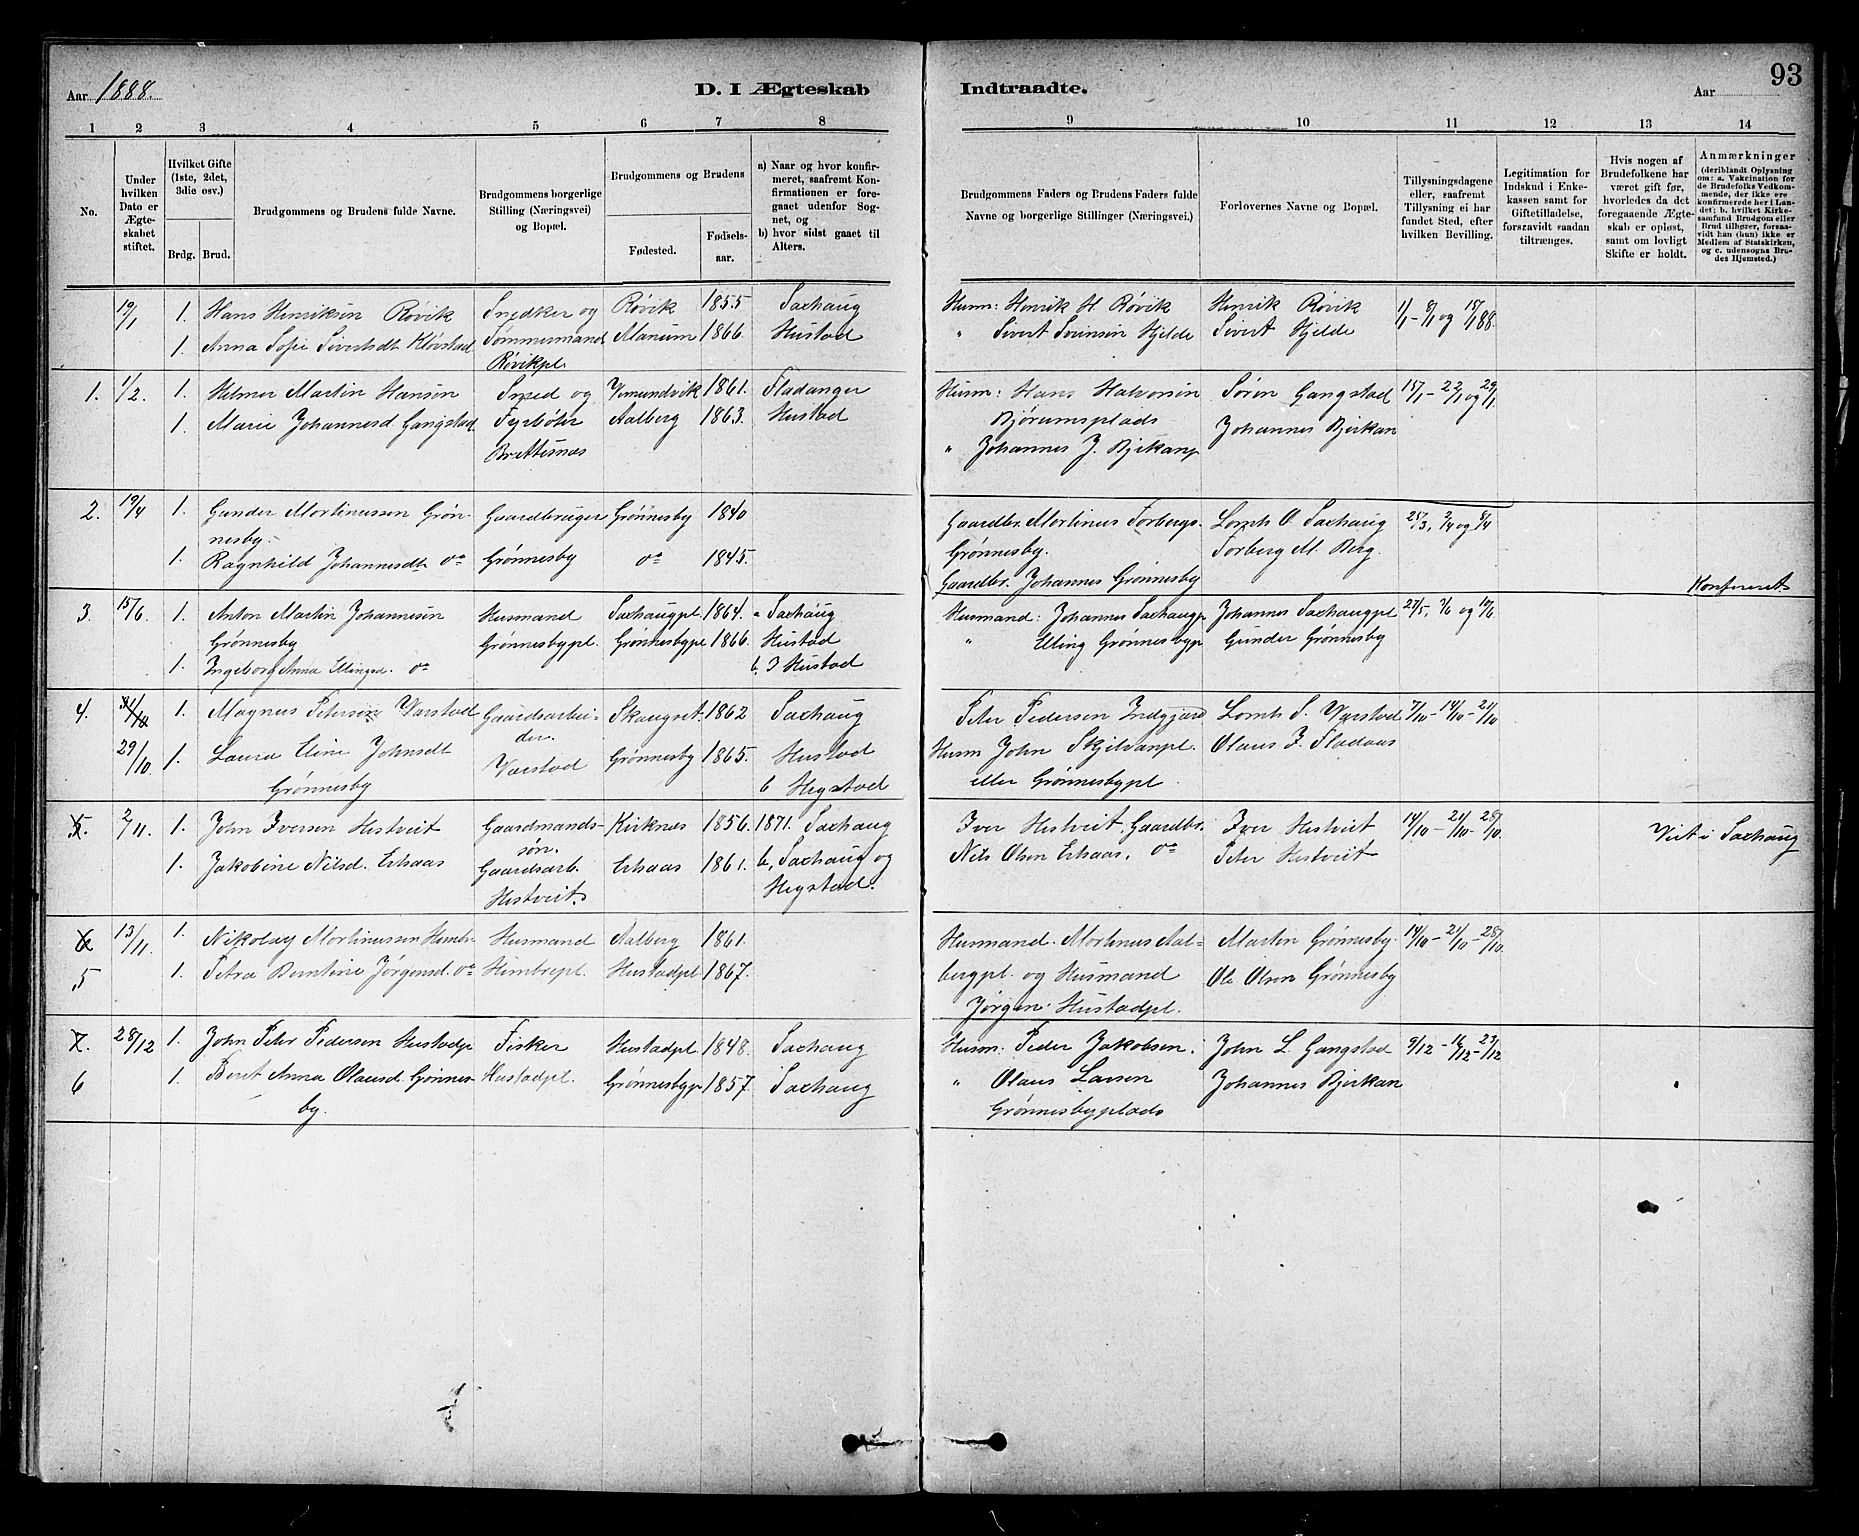 SAT, Ministerialprotokoller, klokkerbøker og fødselsregistre - Nord-Trøndelag, 732/L0318: Klokkerbok nr. 732C02, 1881-1911, s. 93